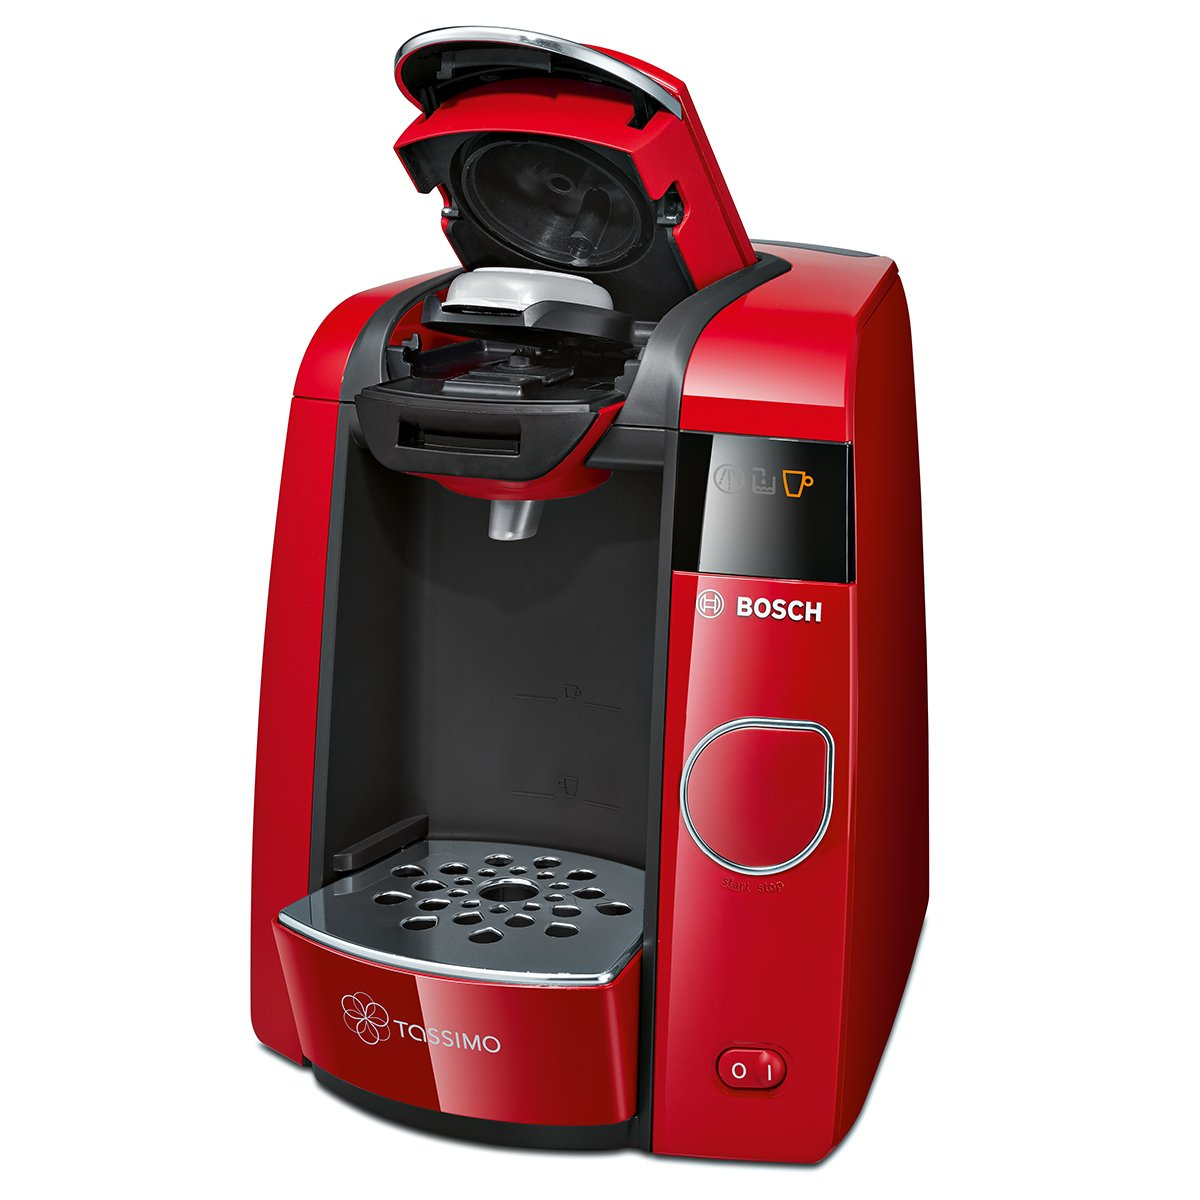 Bosch TAS4503 Tassimo Joy - Cafetera de cápsulas, 1300 W, 1.4 l, color rojo: Amazon.es: Hogar